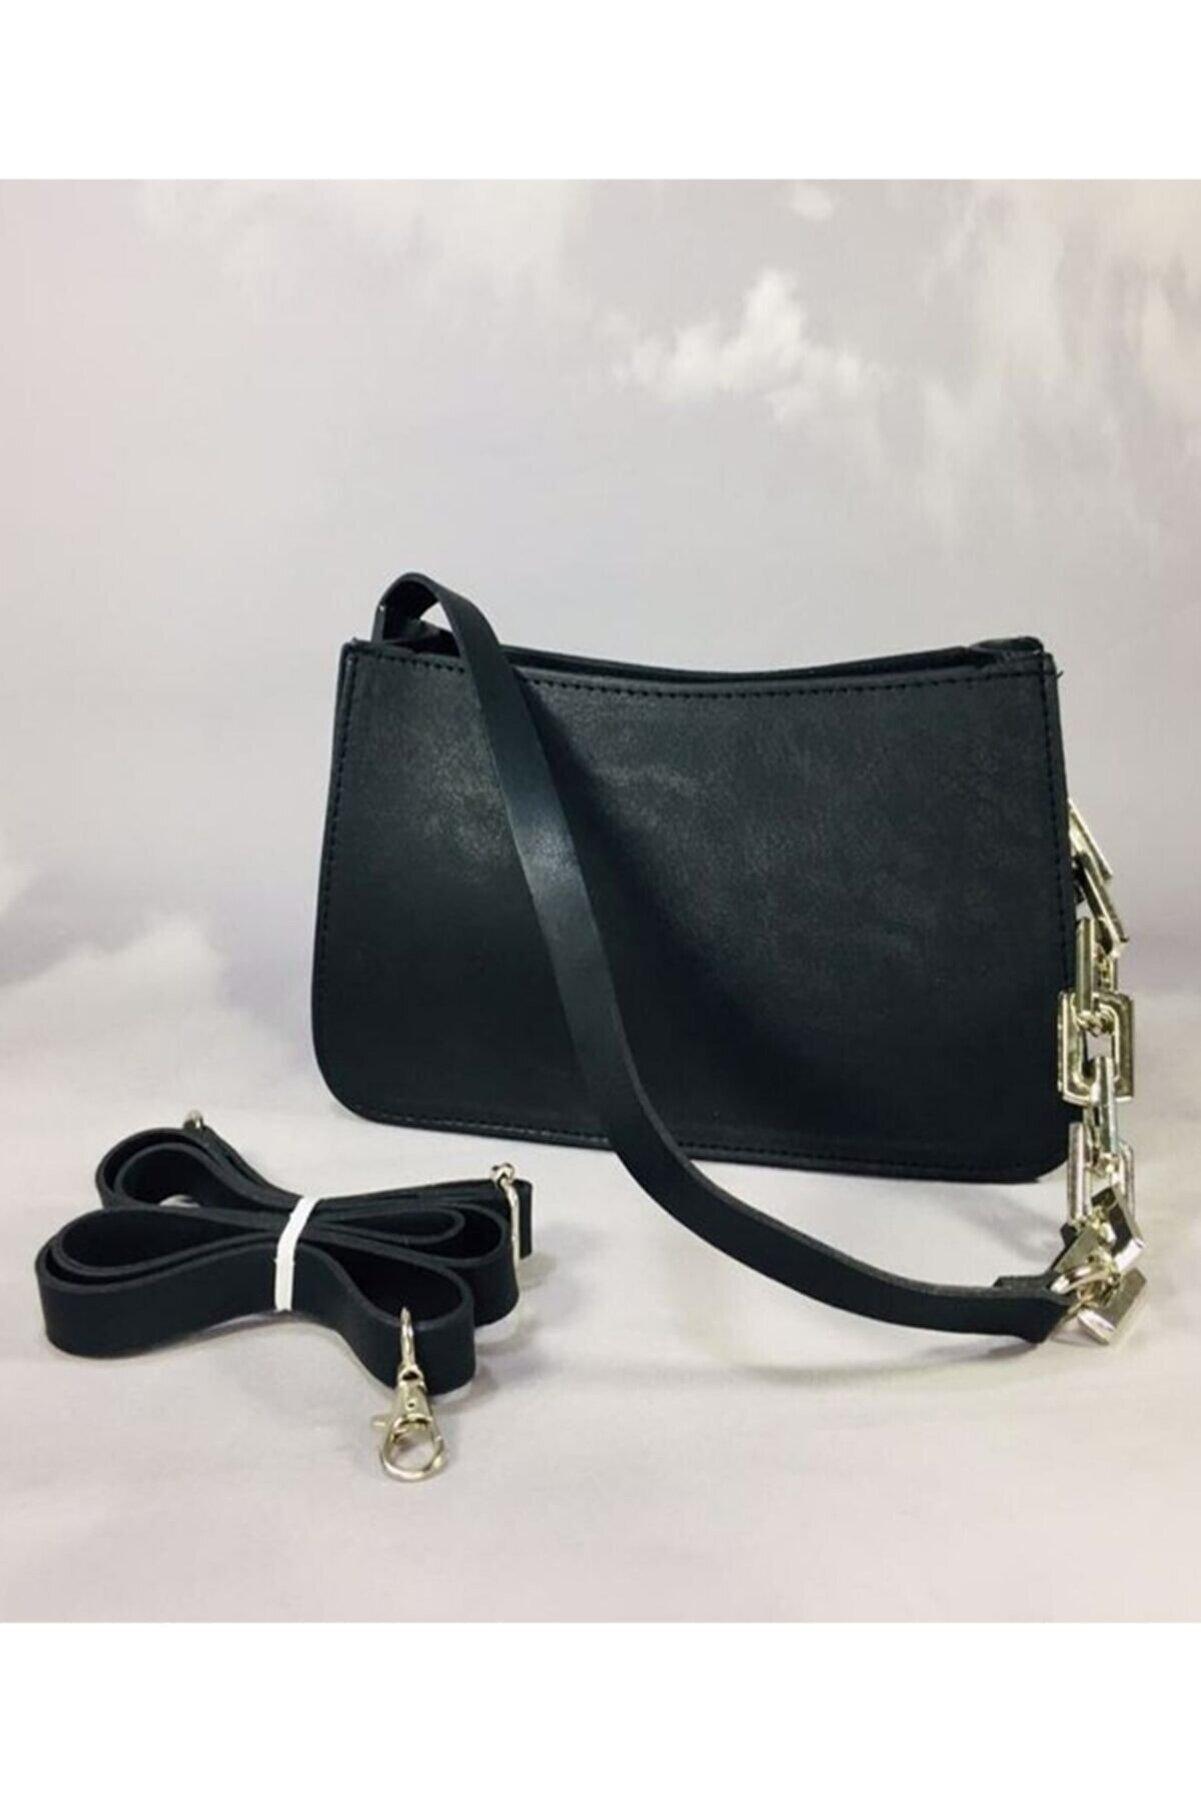 Tekin Çanta Kadın Siyah Zincirli Baget Çanta